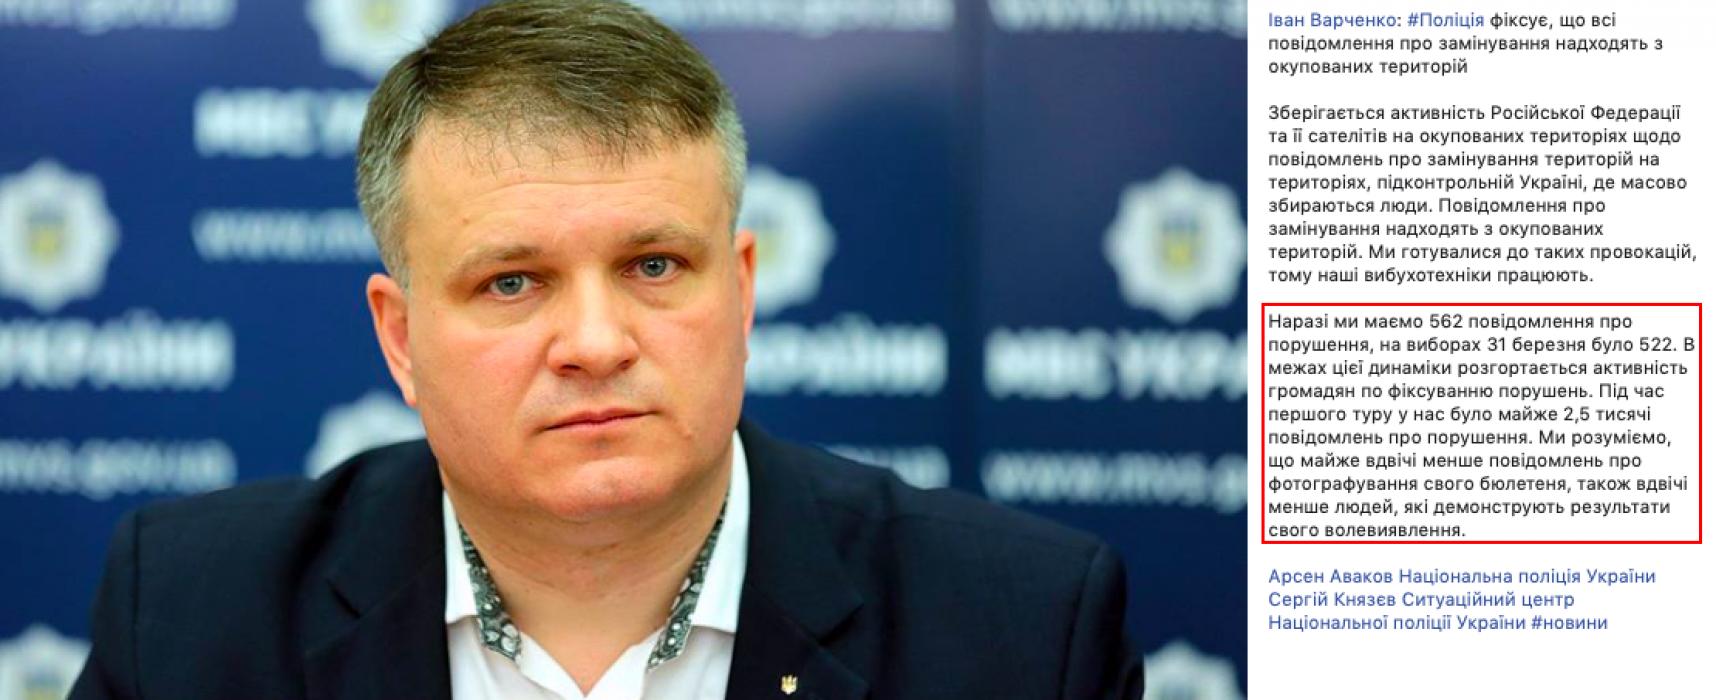 Fake: Ukrainische Polizei berichtet über einen starken Anstieg von Wahlverstößen während der Präsidentschaftswahlen